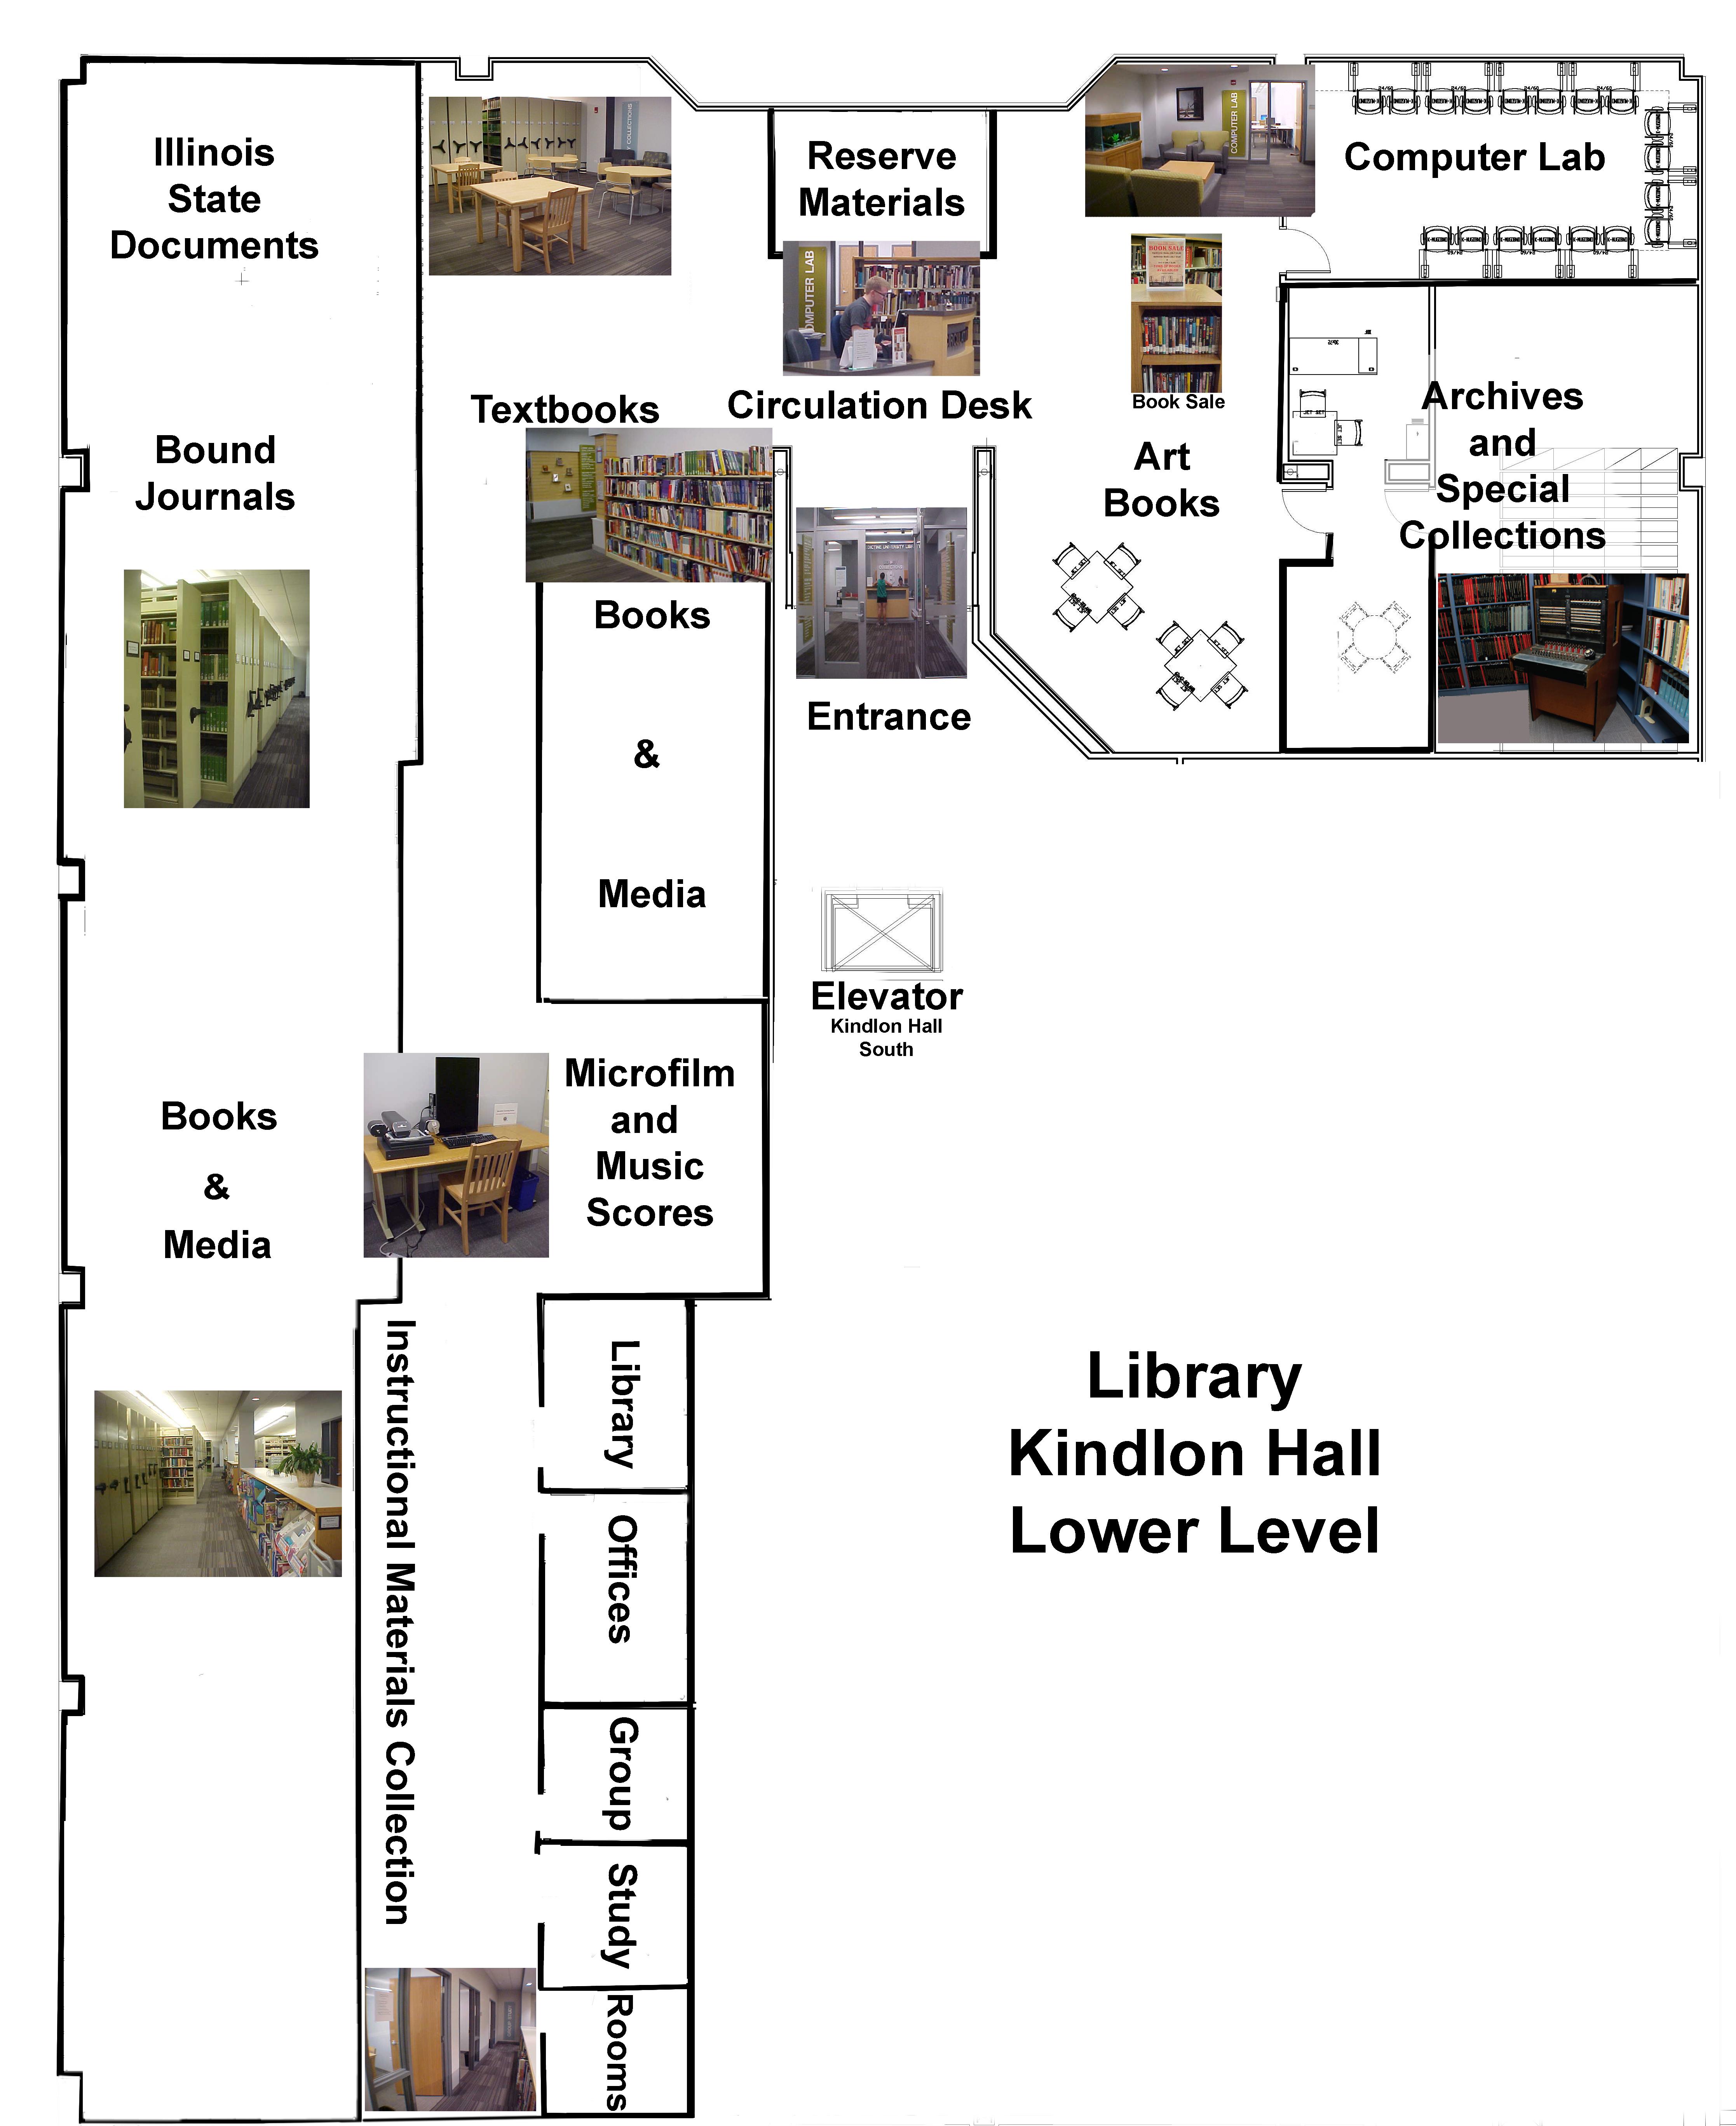 Benedictine Library - Lower Level